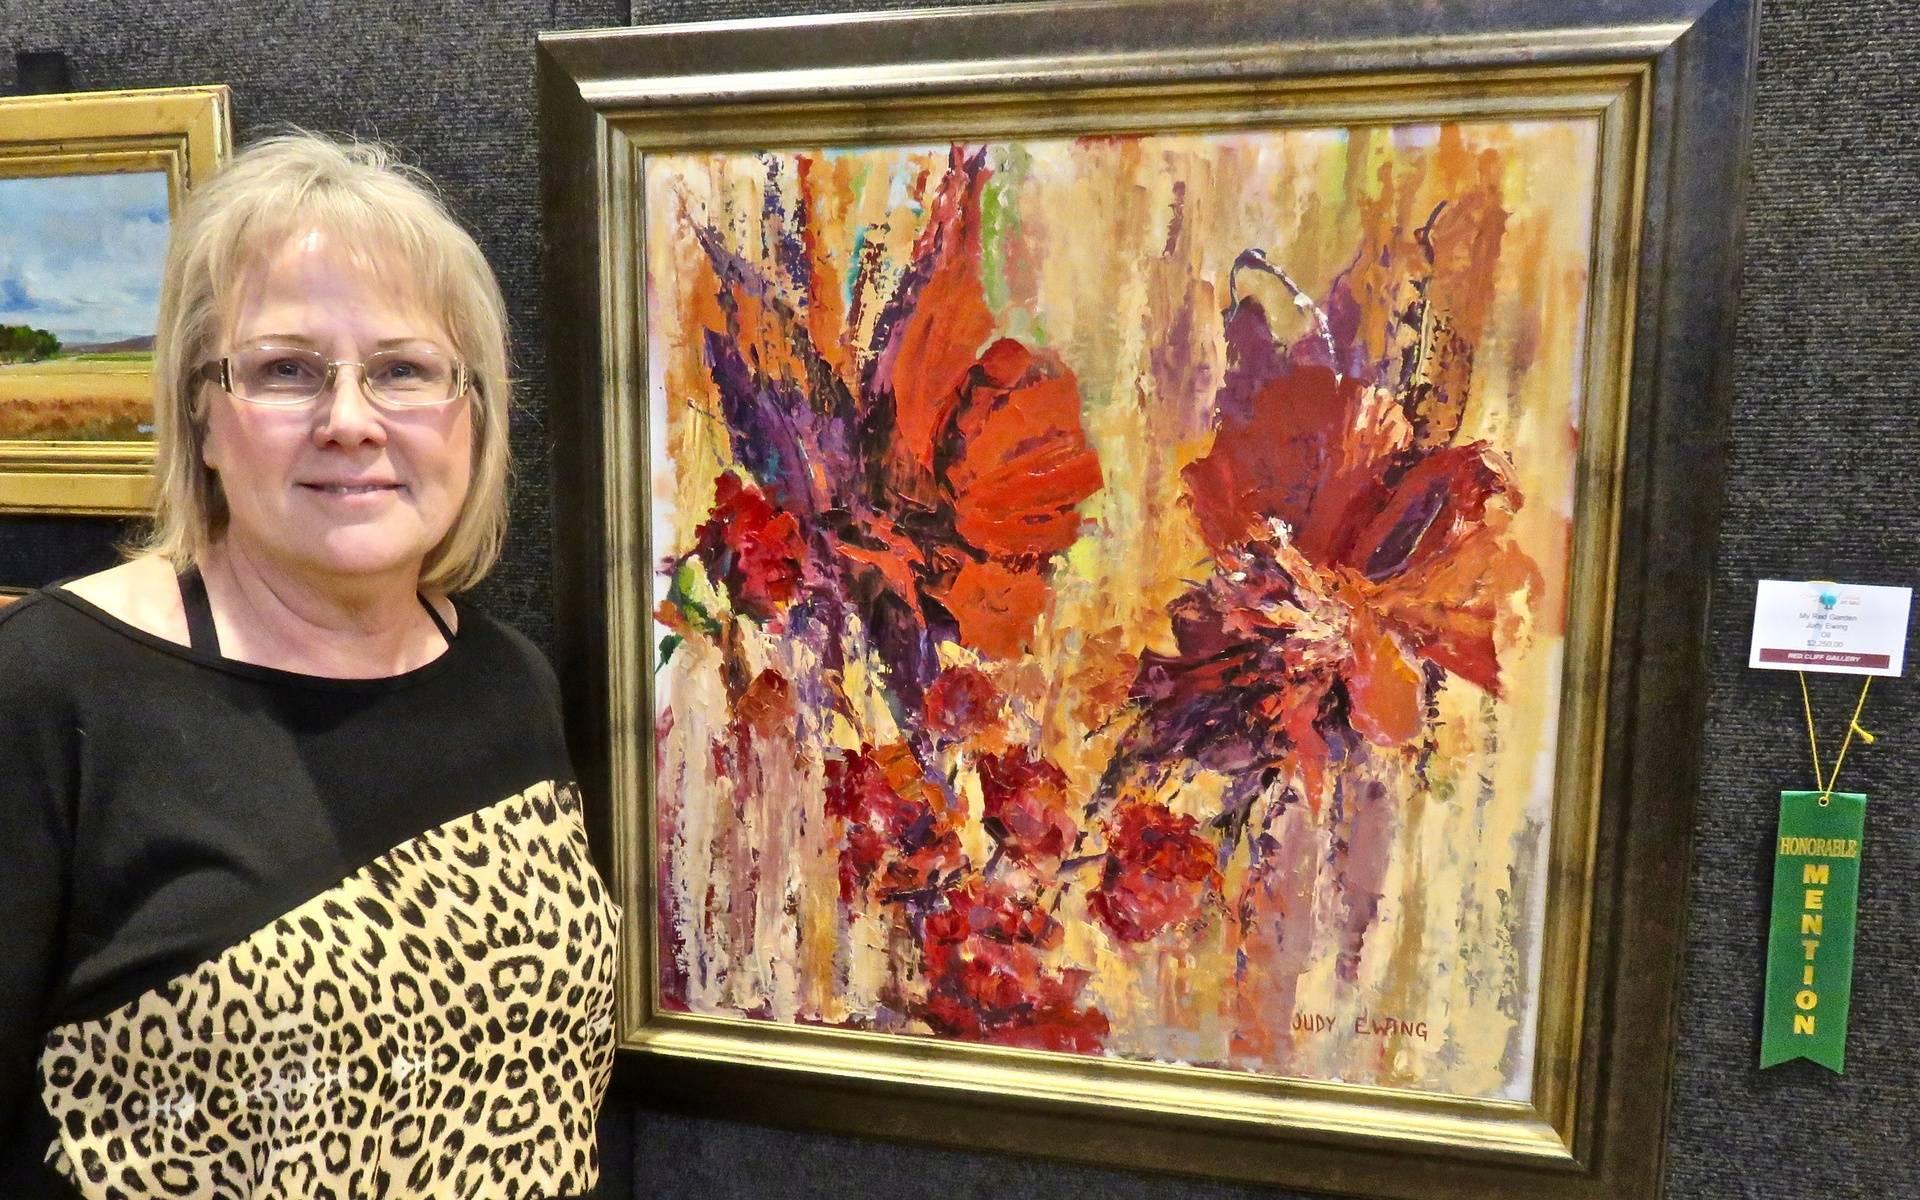 Judy Ewing